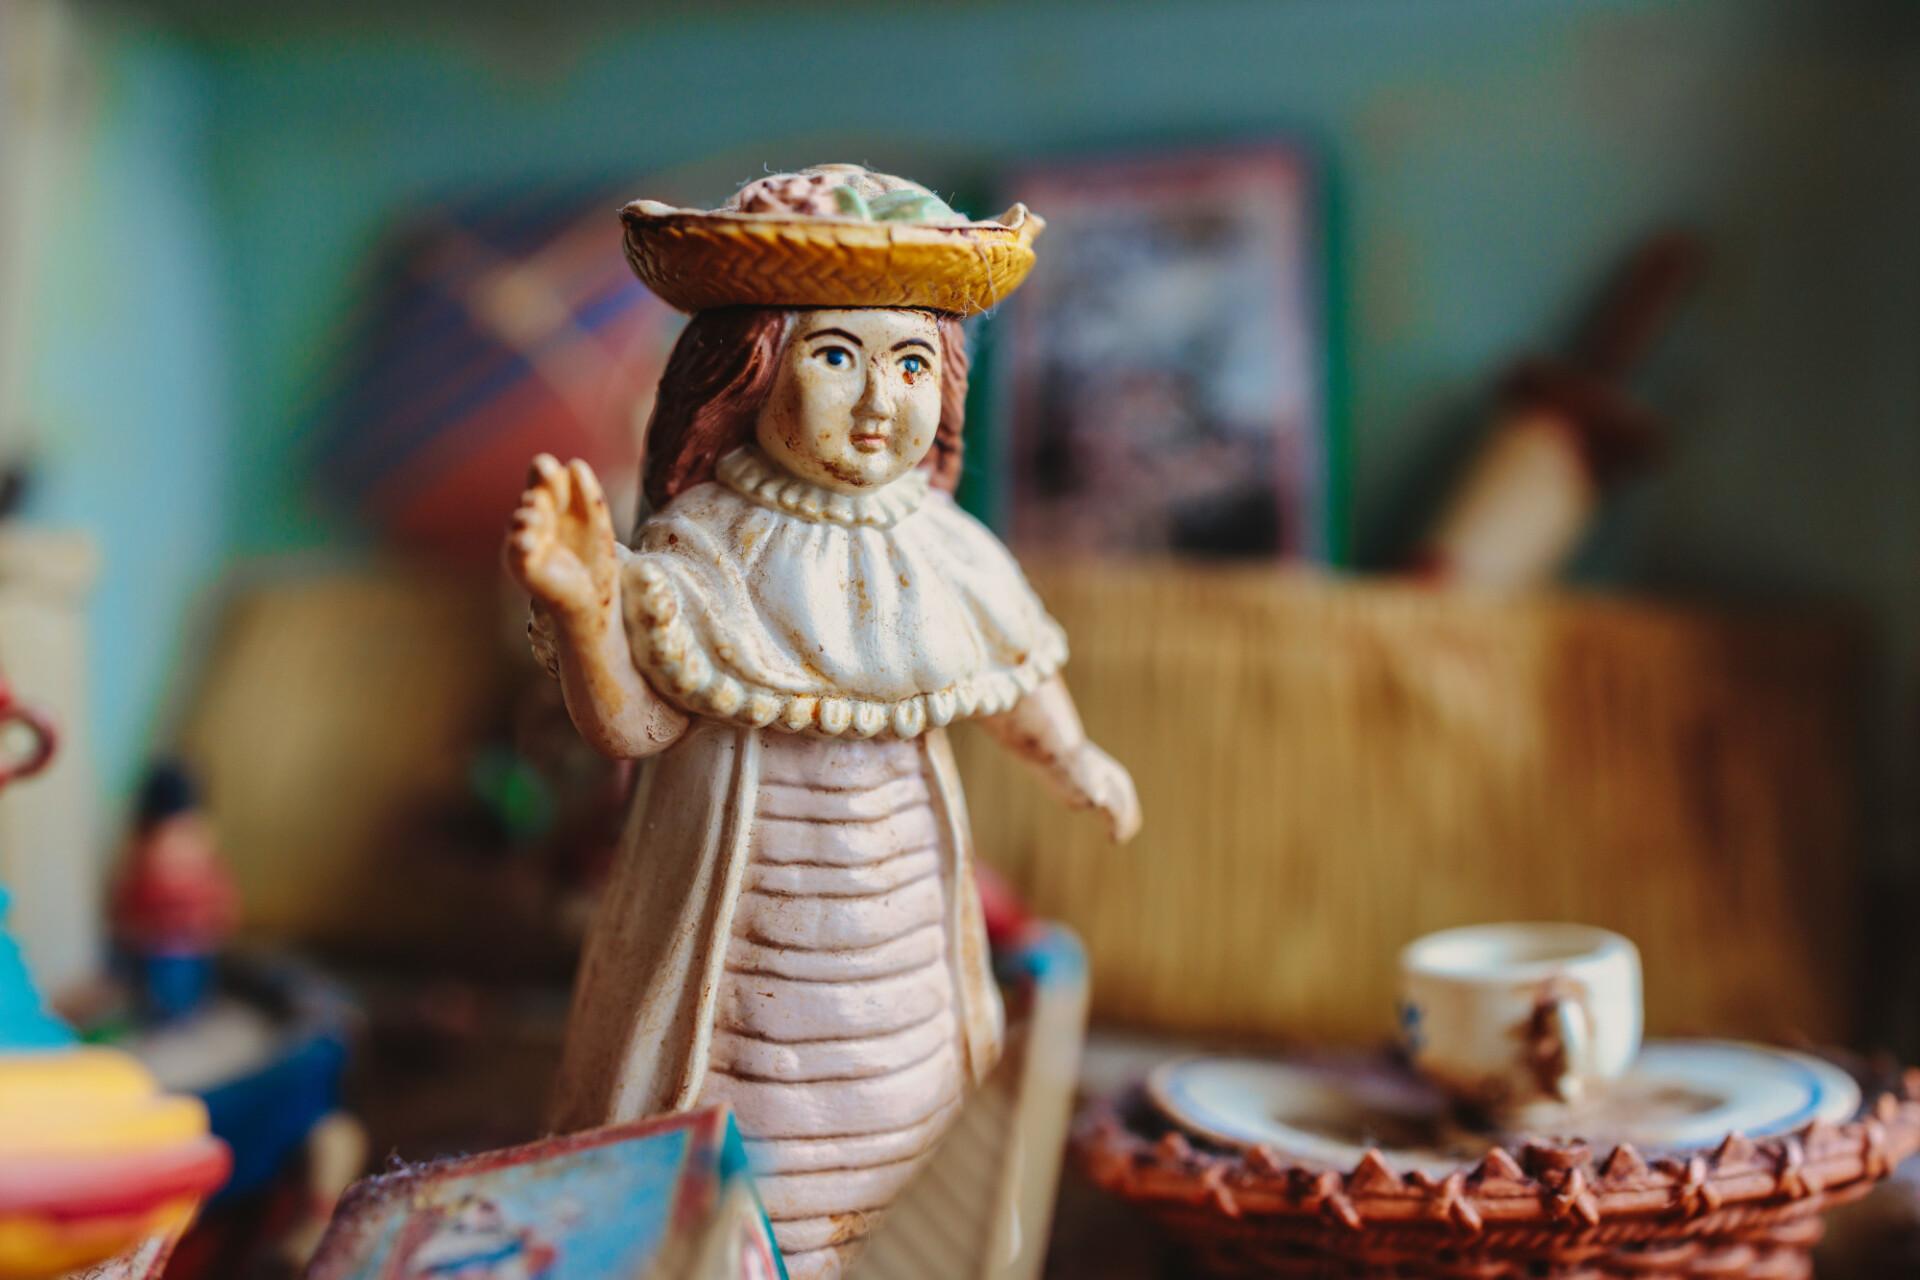 Vintage girl doll